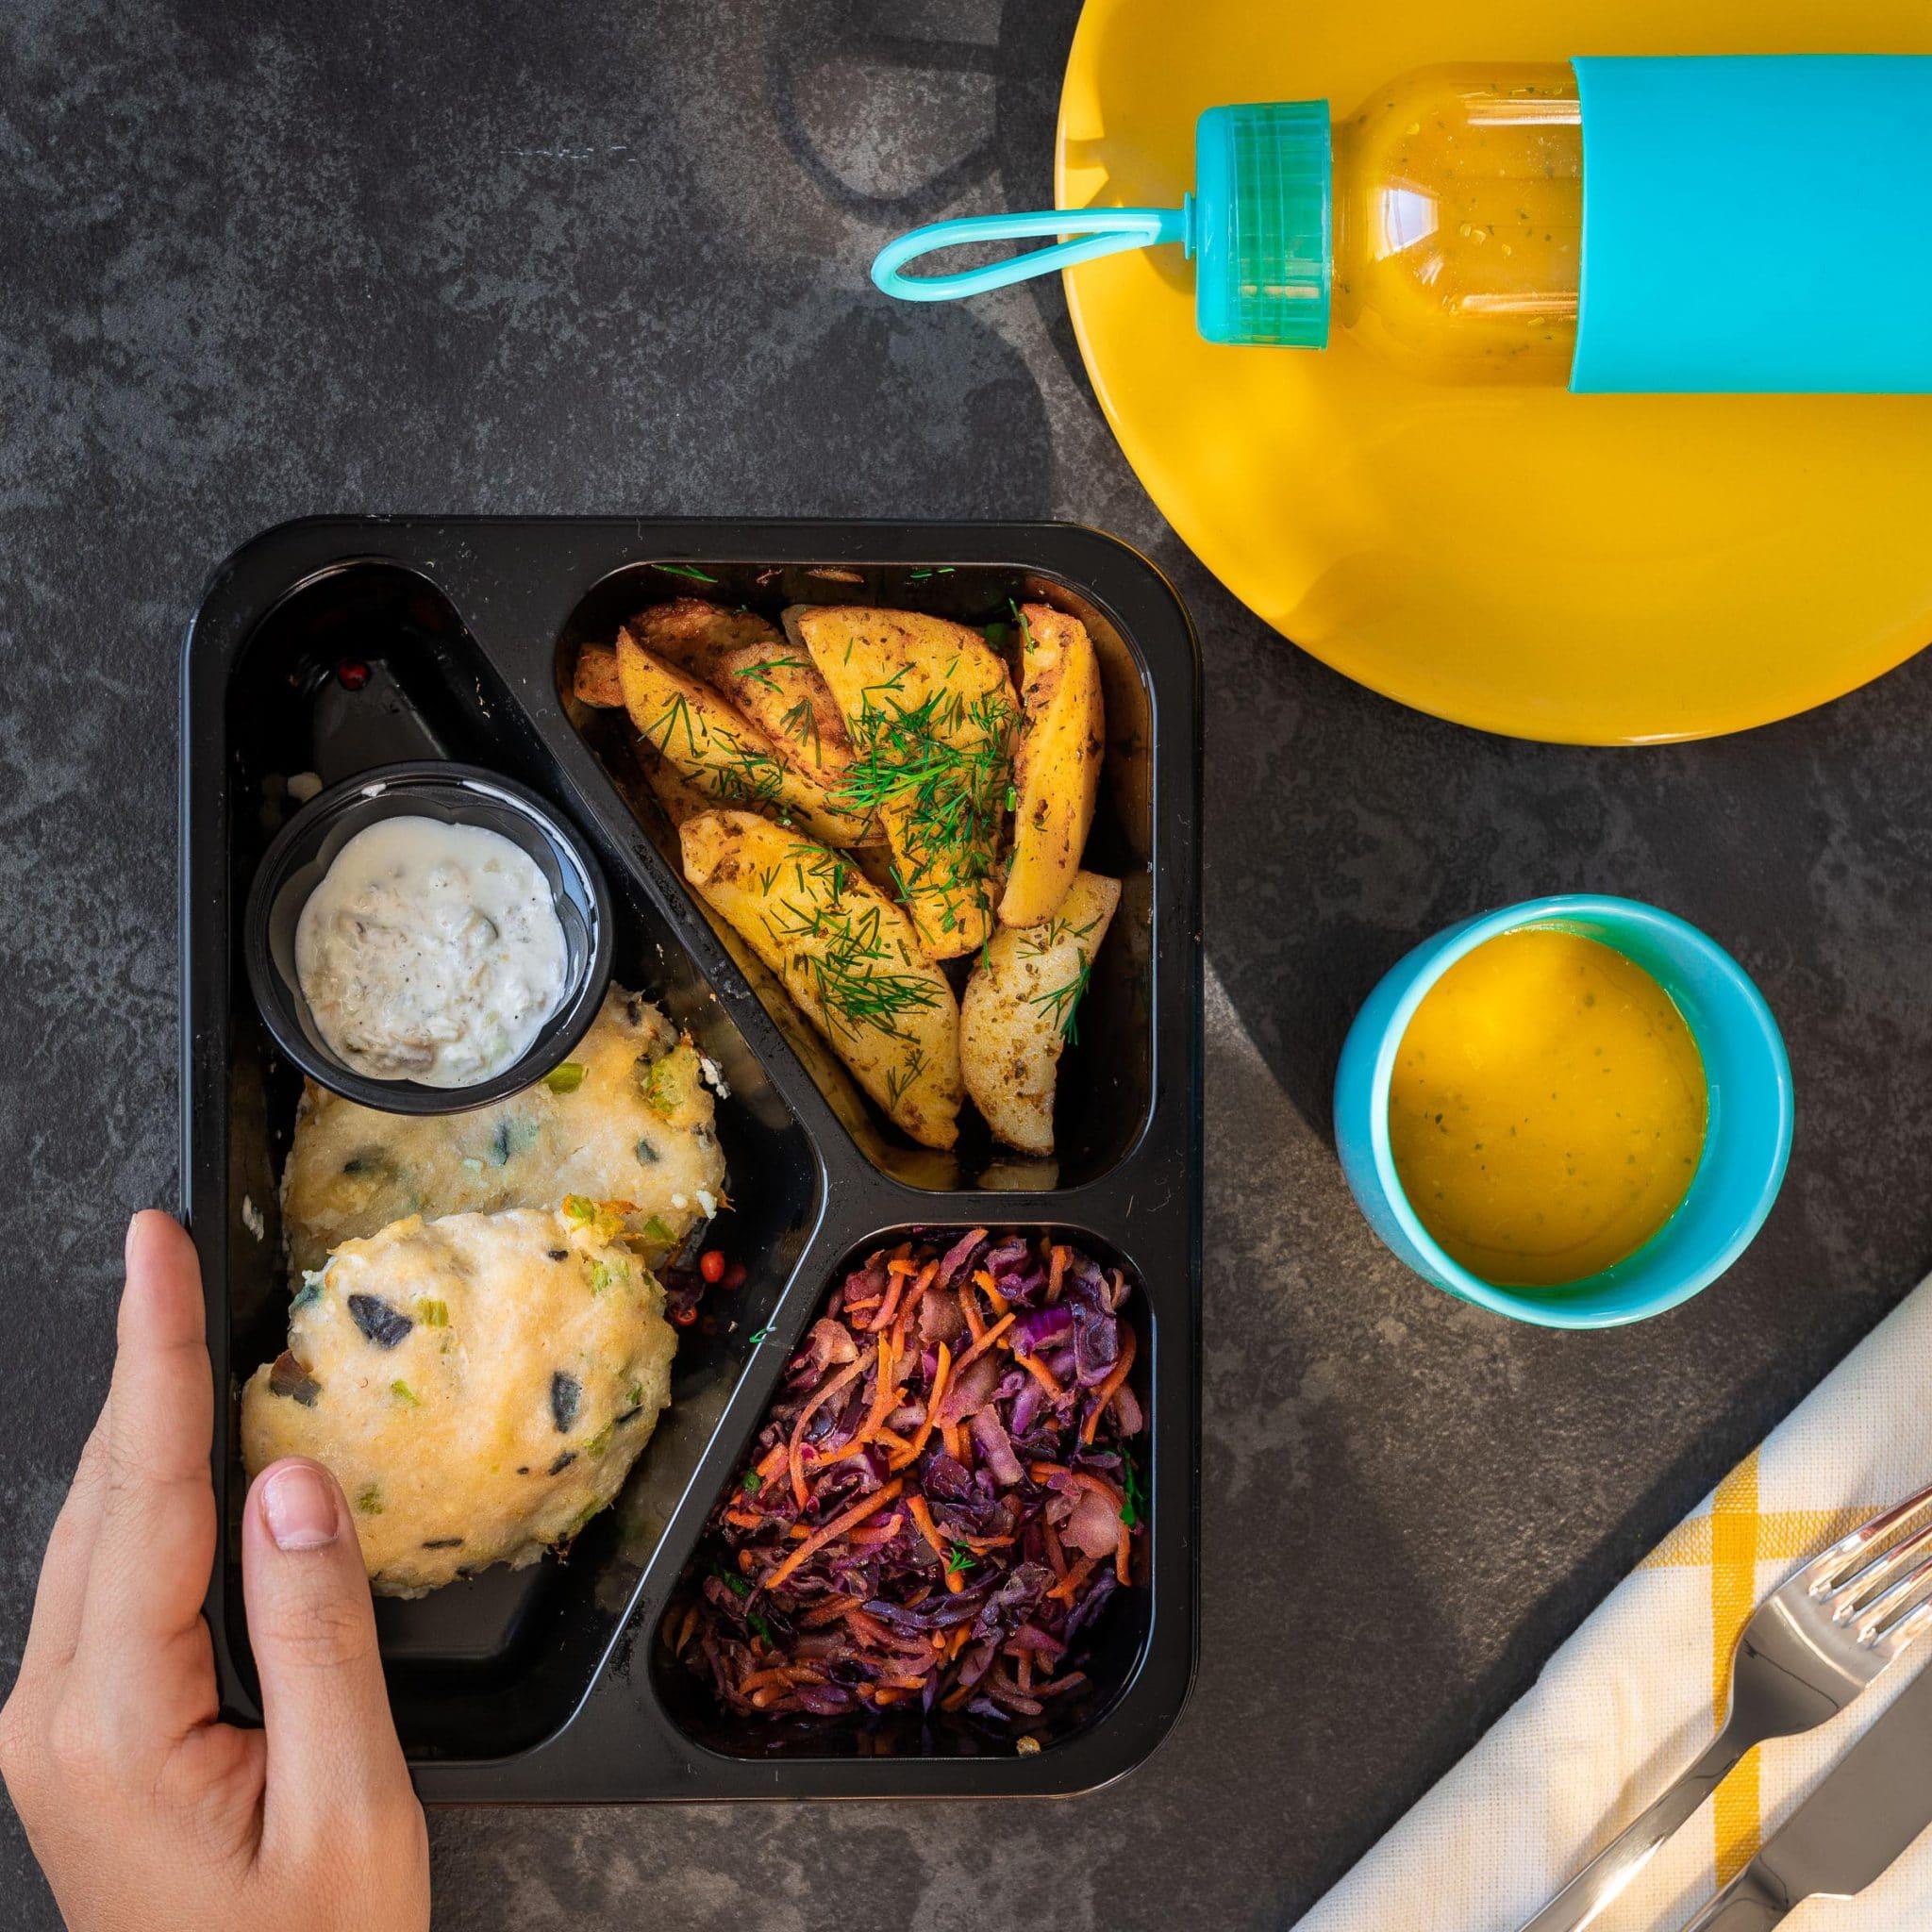 Jajka jako część diety – o wartości odżywczej, kontrowersjach i zaleceniach